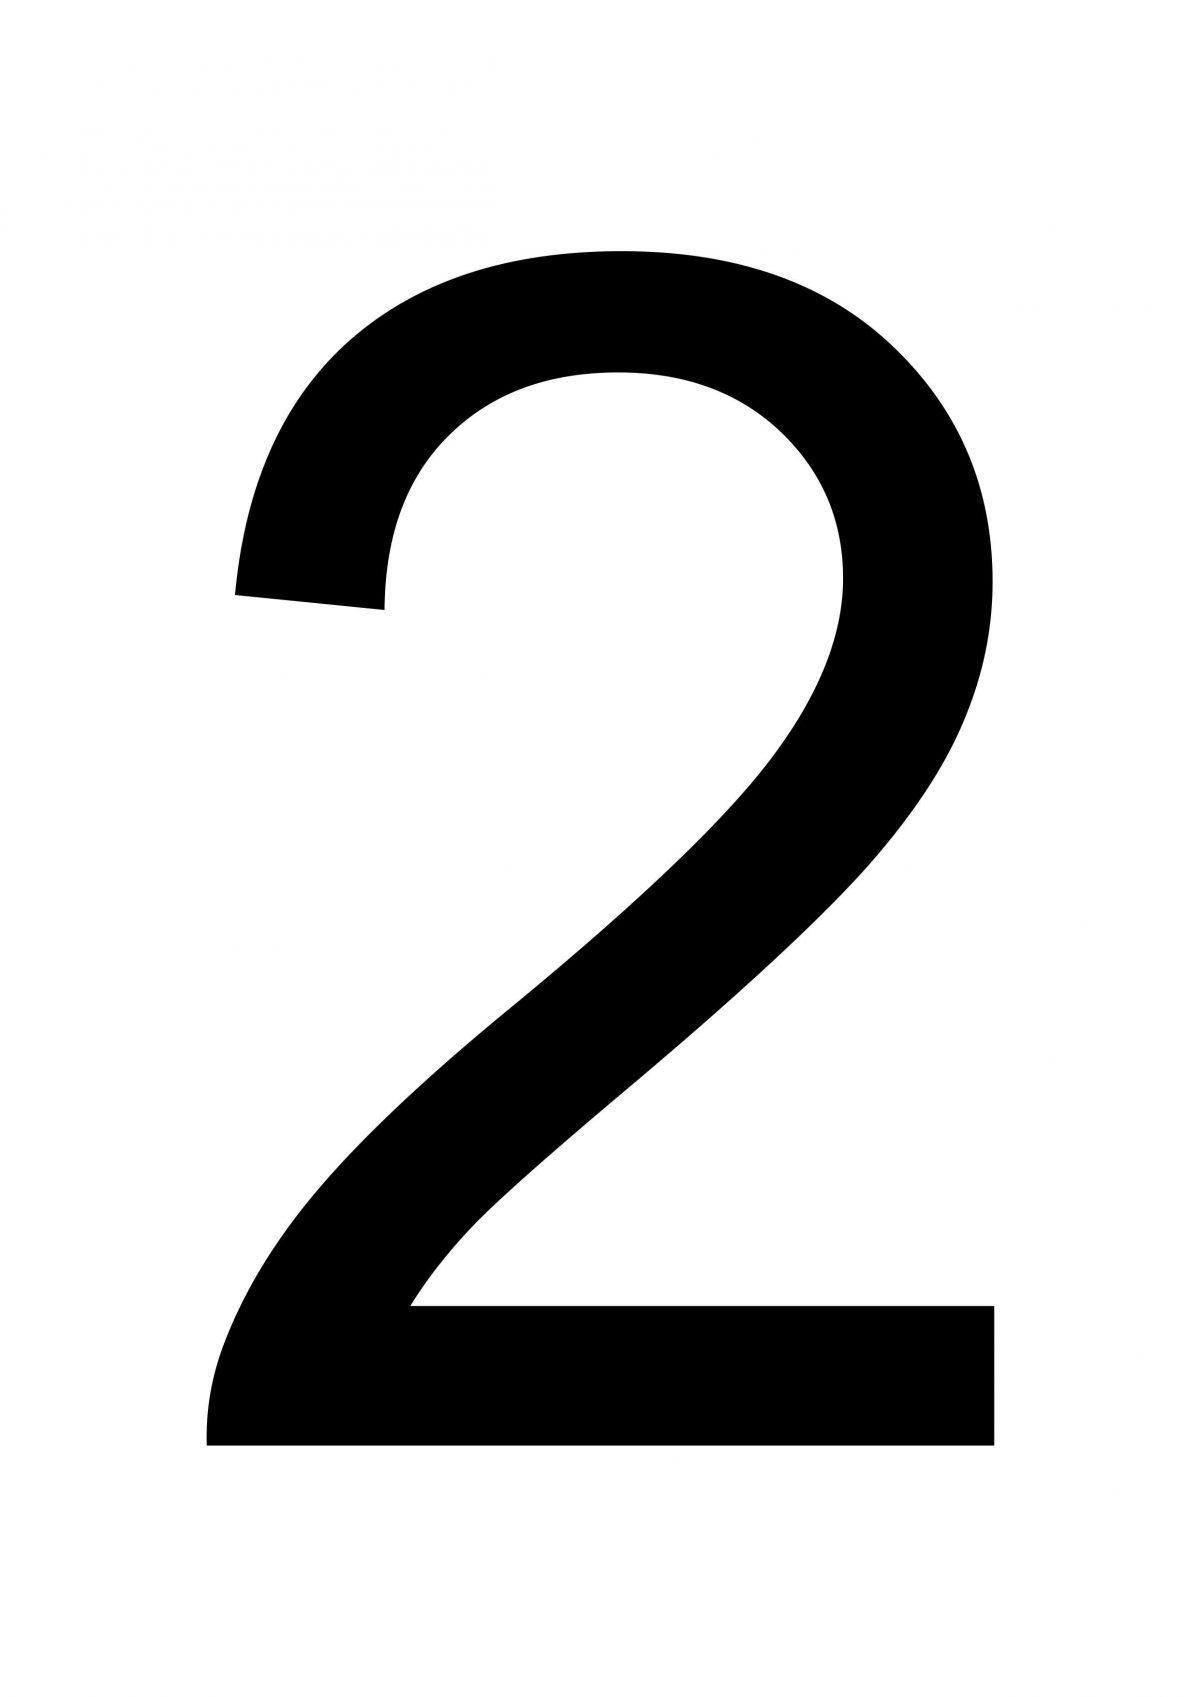 Free Download Printable Number 2 Free Printables In 2020